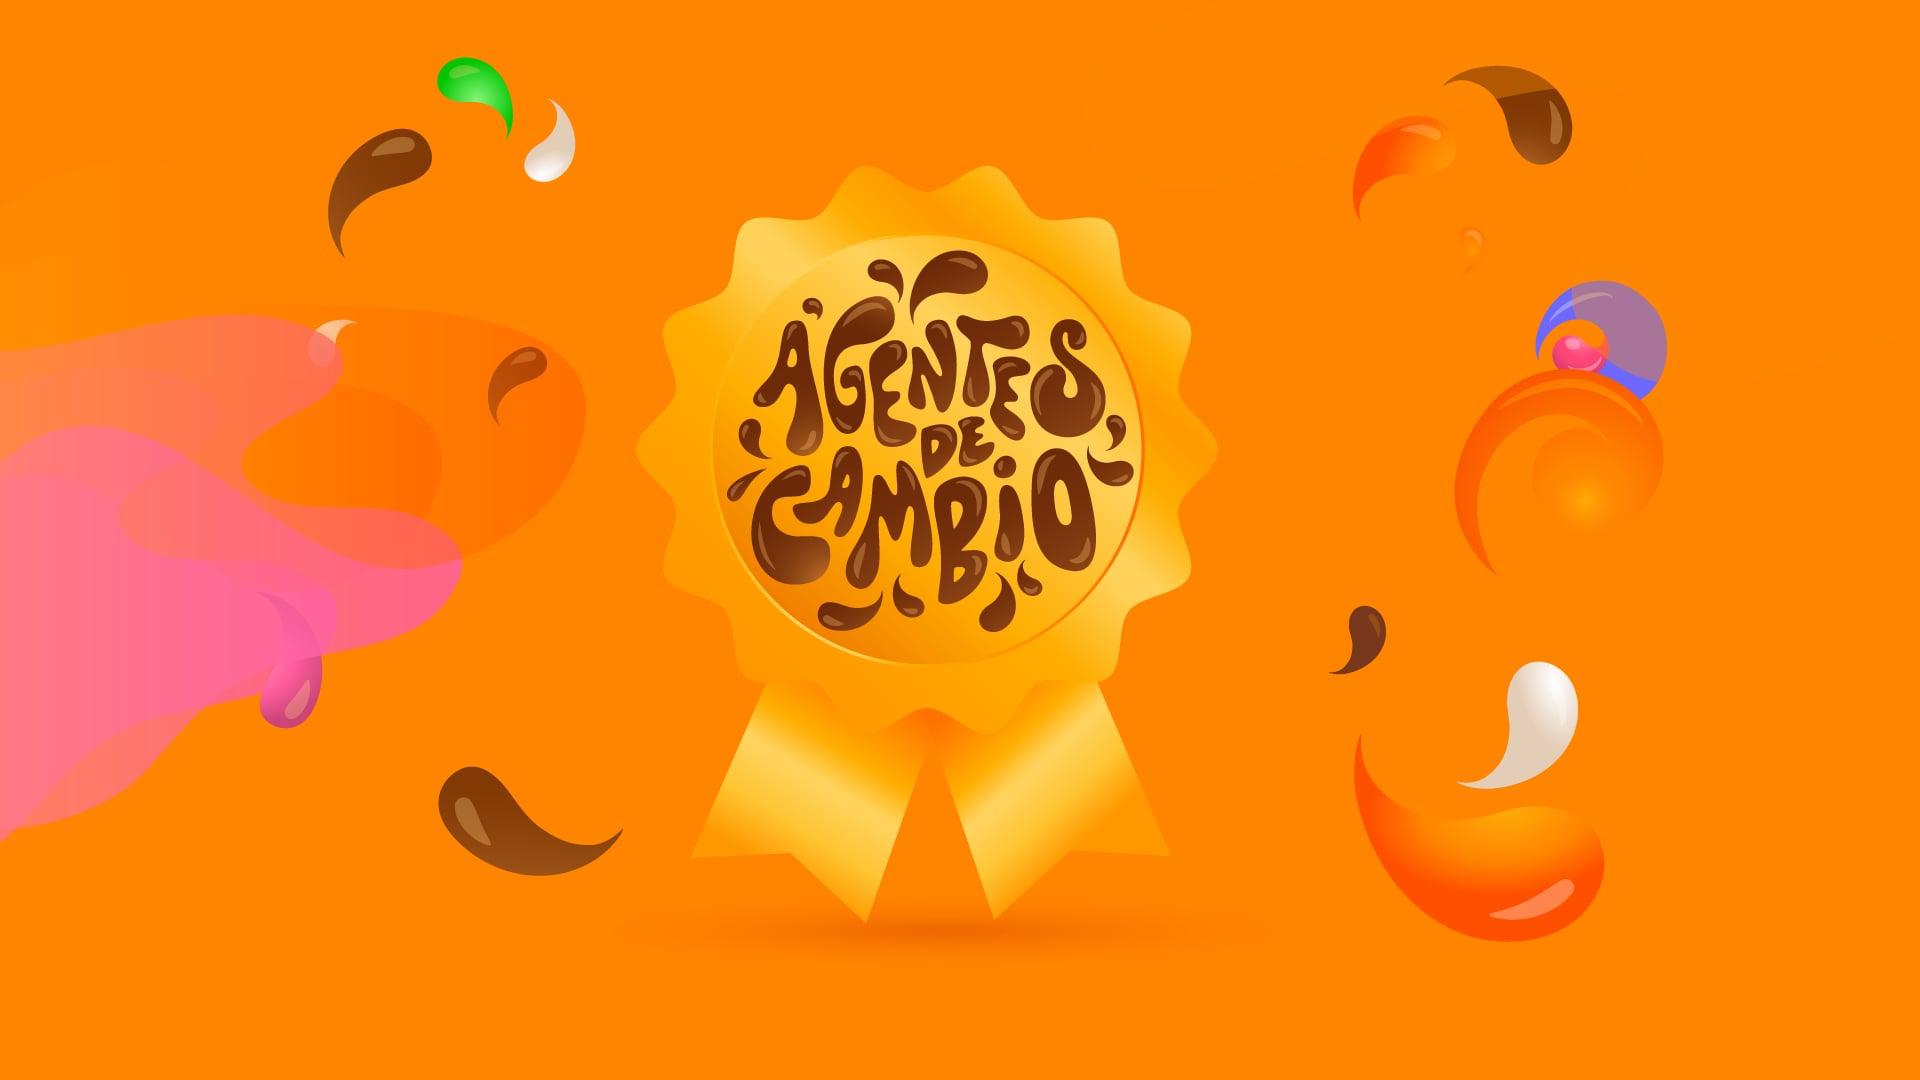 Nickelodeon Choco krispies, Agentes de cambio